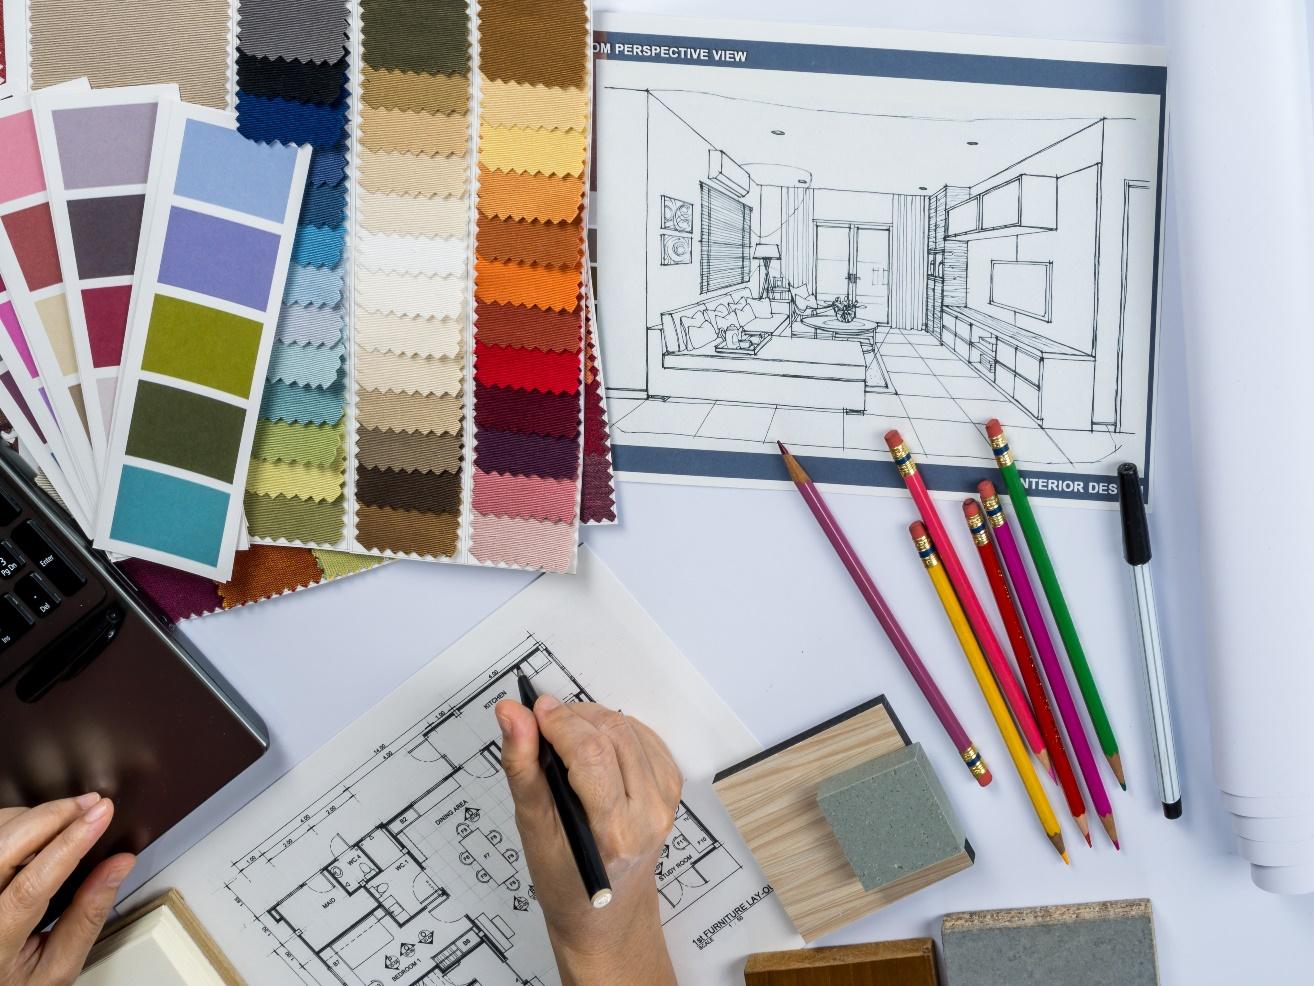 Кейс: маркетинговая стратегия для студии дизайна интерьера